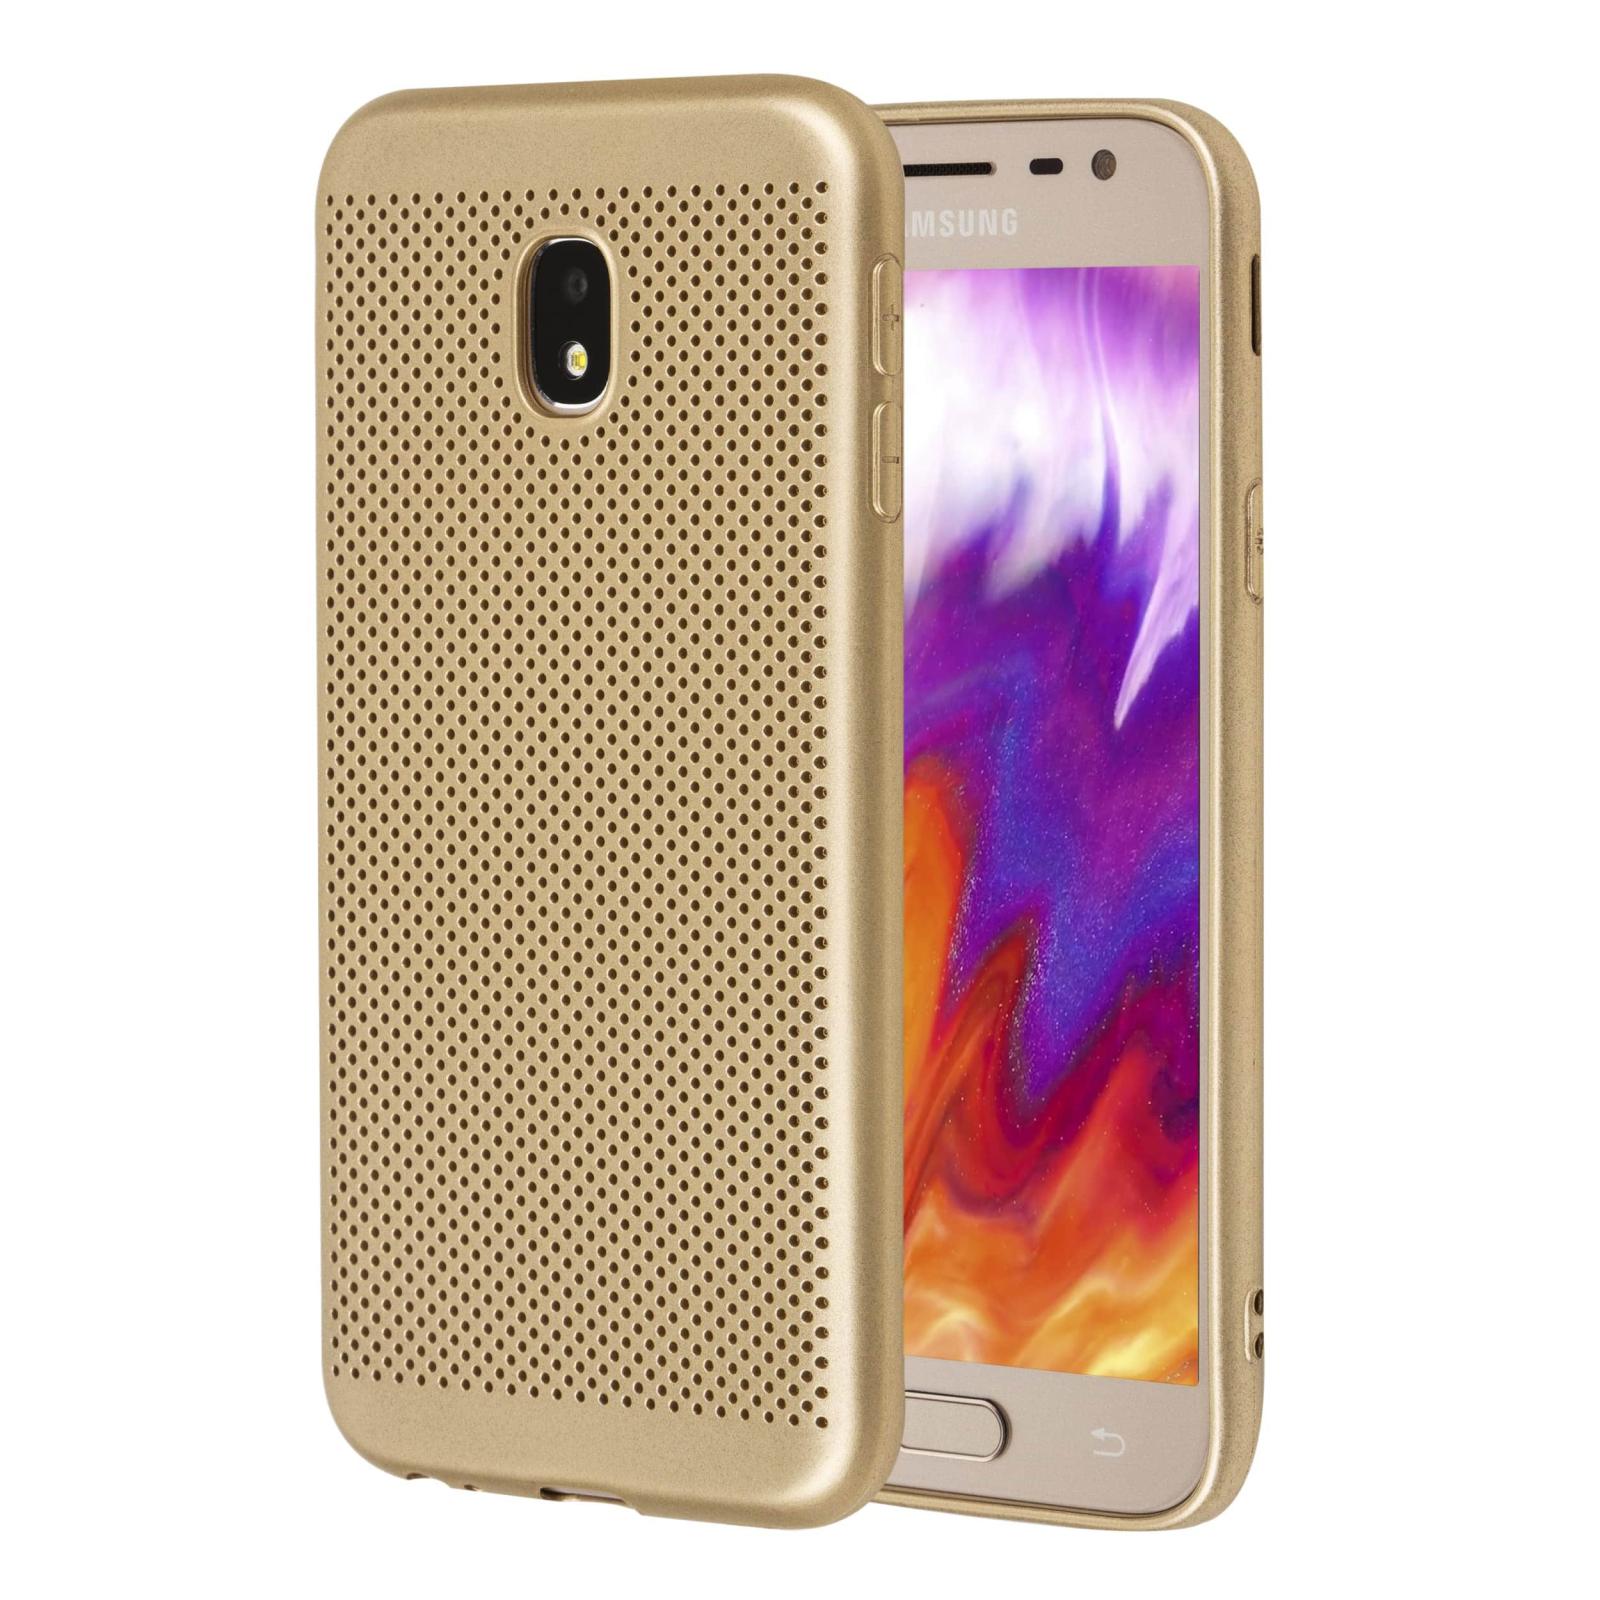 Чехол для моб. телефона MakeFuture Moon Case (TPU) для Samsung J3 2017 (J330) Gold (MCM-SJ330GD) изображение 2